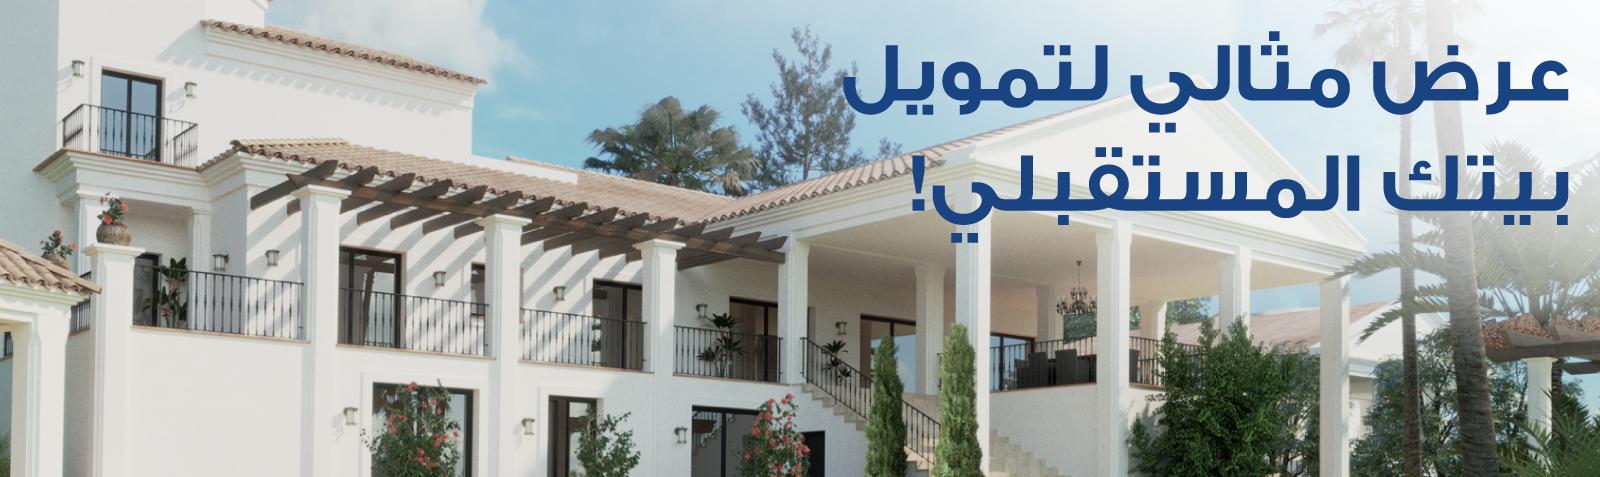 ar-home finance